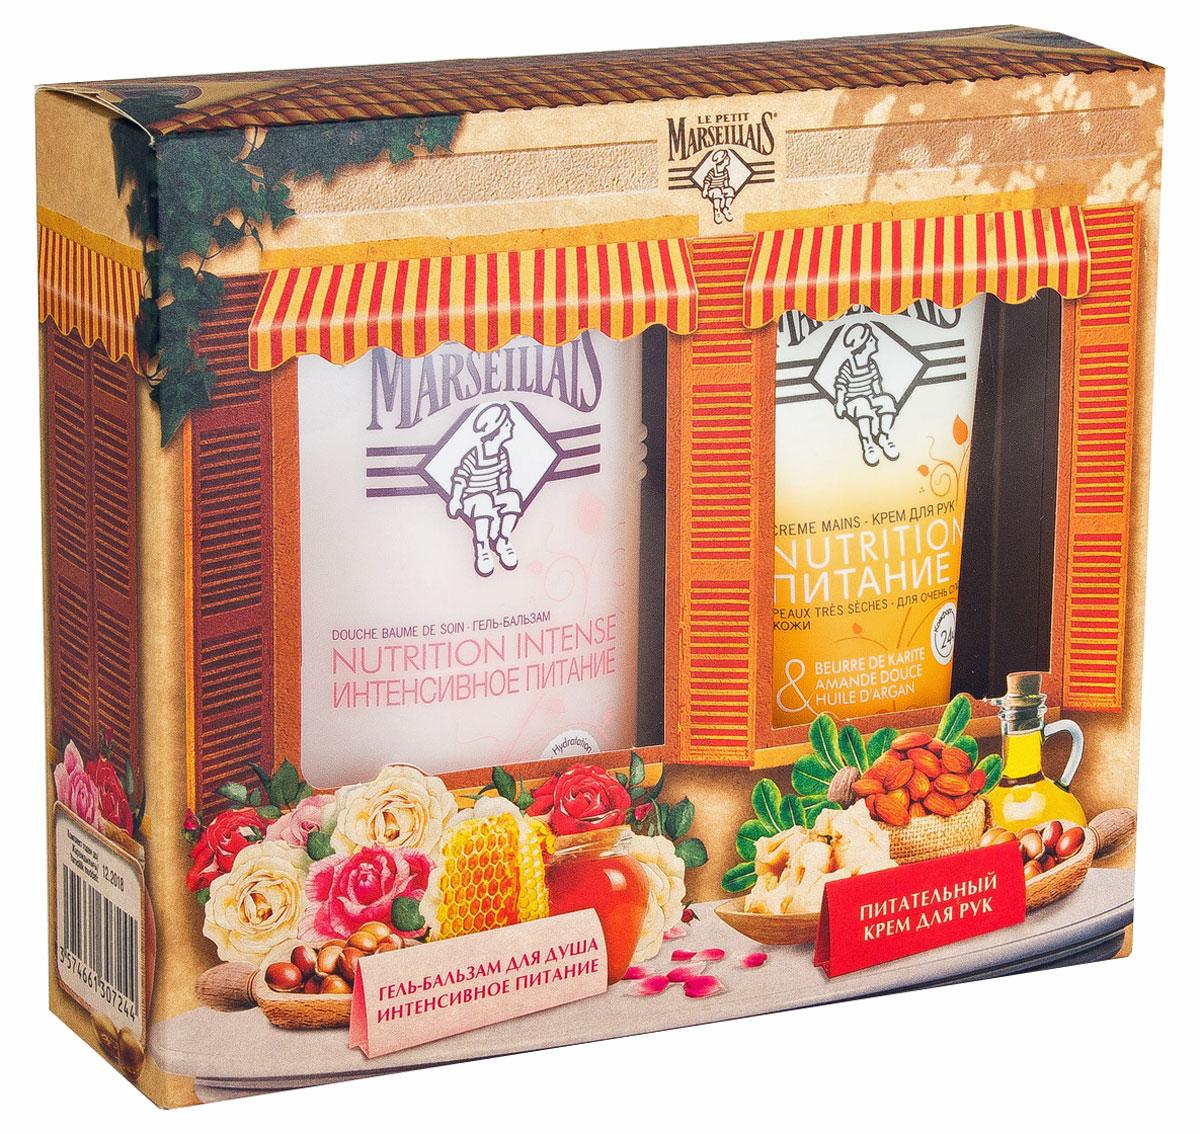 Le Petit Marseillais Подарочный набор: Гель-бальзам Масло арганы, пчелиный воск, масло лепестков розы, 250мл + Крем для рук Карите, сладкий миндаль, масло арганового дерева, 75мл